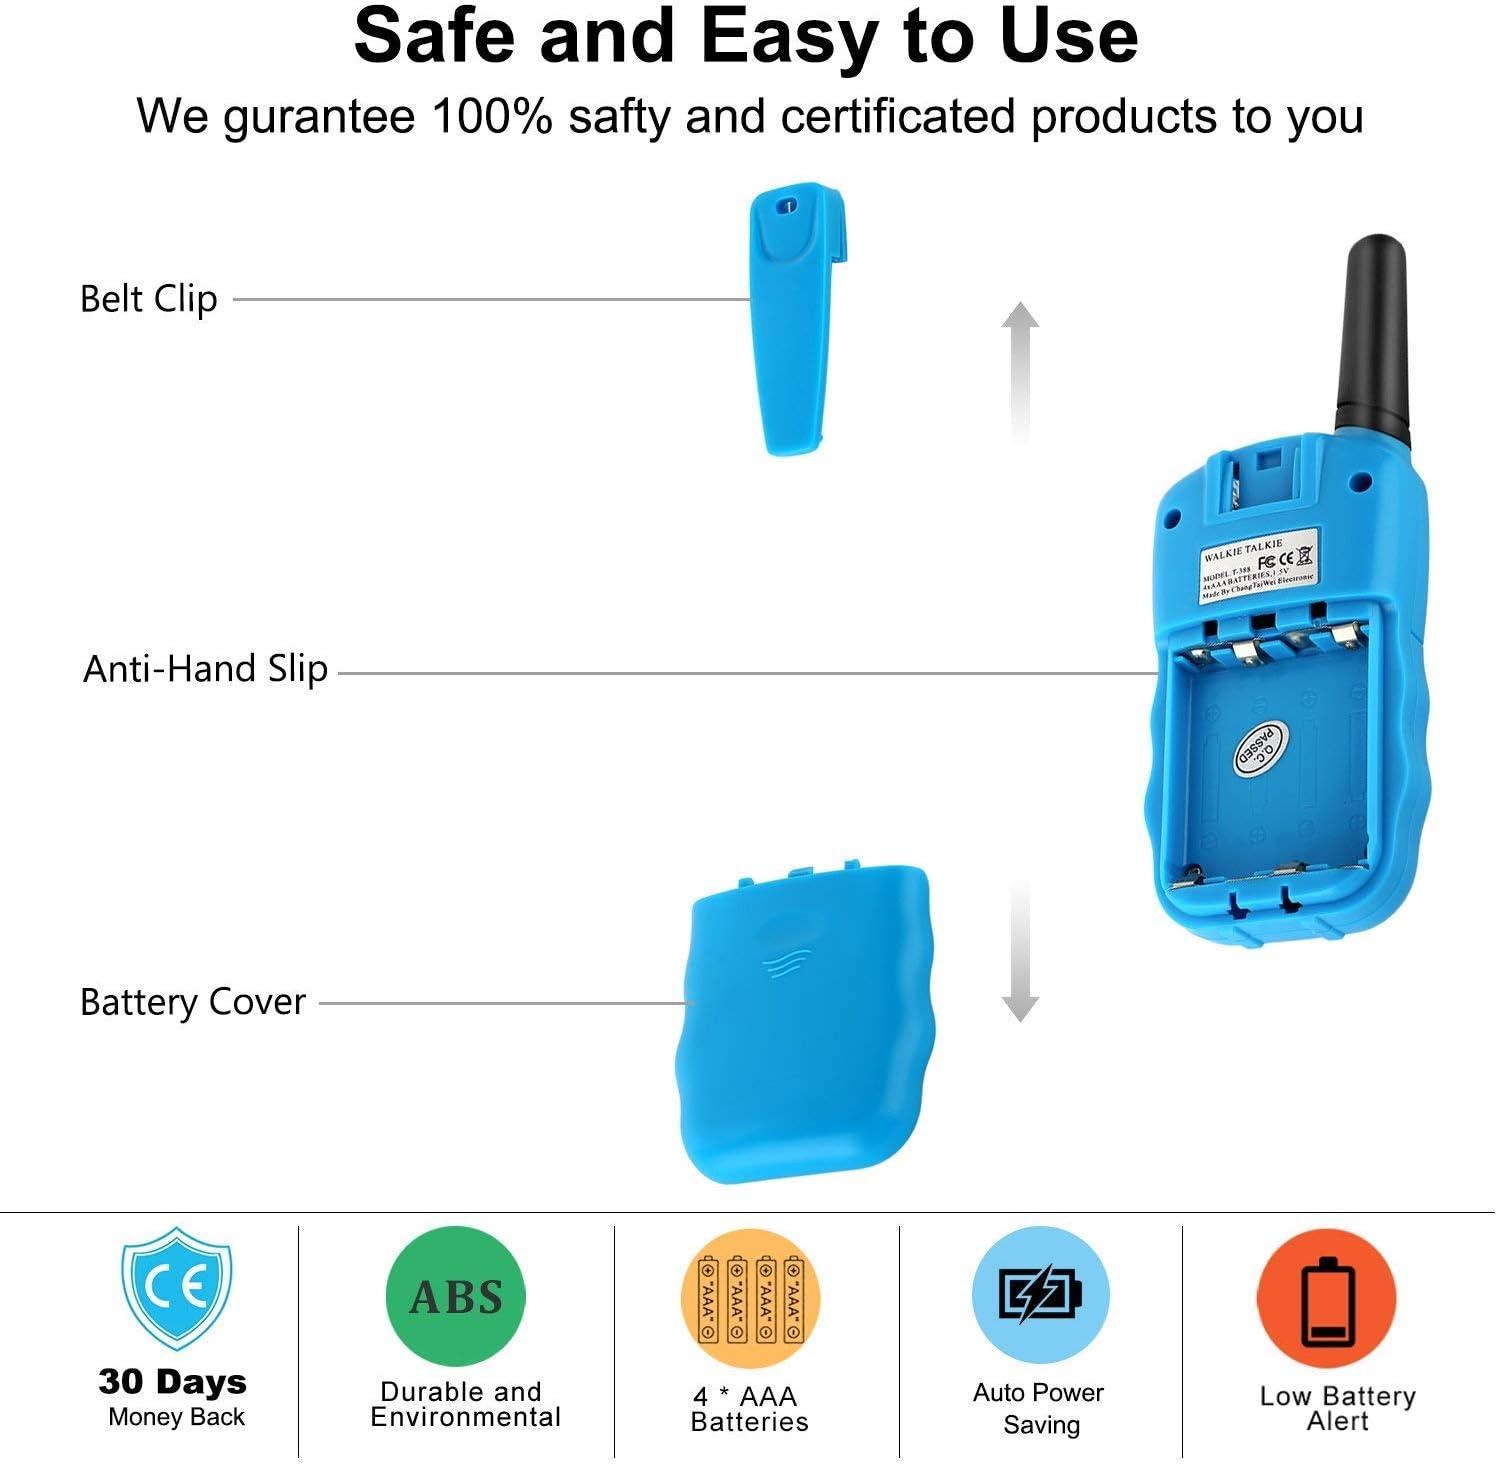 Flybiz Walkie Talkie Ni/ños PMR446 8 Canales LCD Pantalla Funci/ón VOX 10 Tonos de Llamada Bloqueo de Canal Linterna Incorporado 8 Canales LCD Pantalla VOX Amarillo